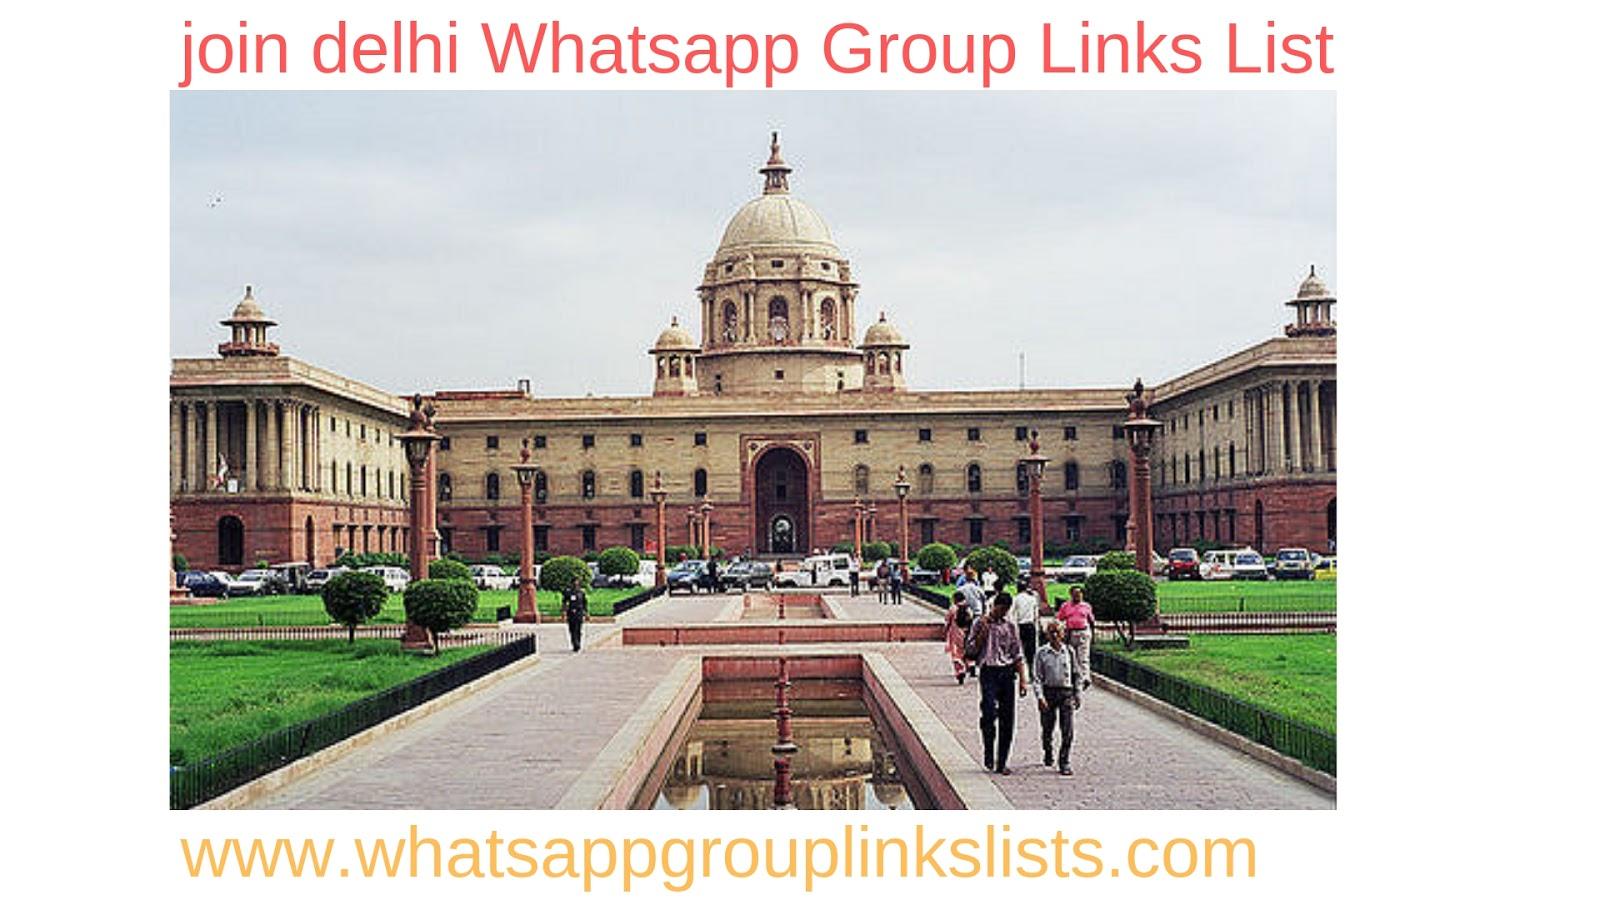 Join Delhi Whatsapp Group Links List